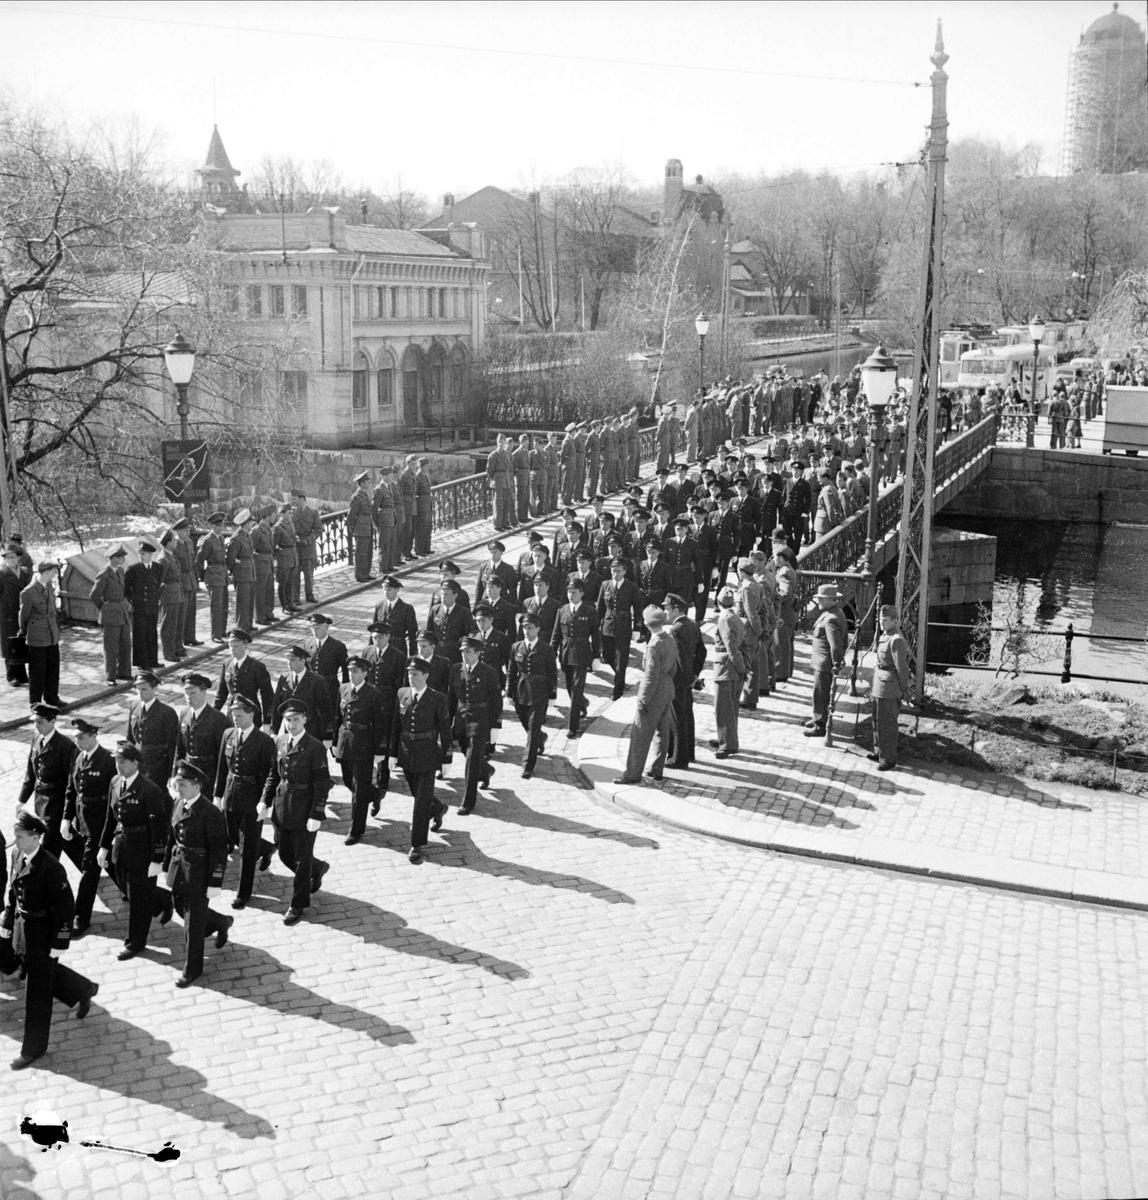 Begravningskortege vid Islandsbron, sannolikt F 16 Upplands Flygflottilj, Uppsala april 1949